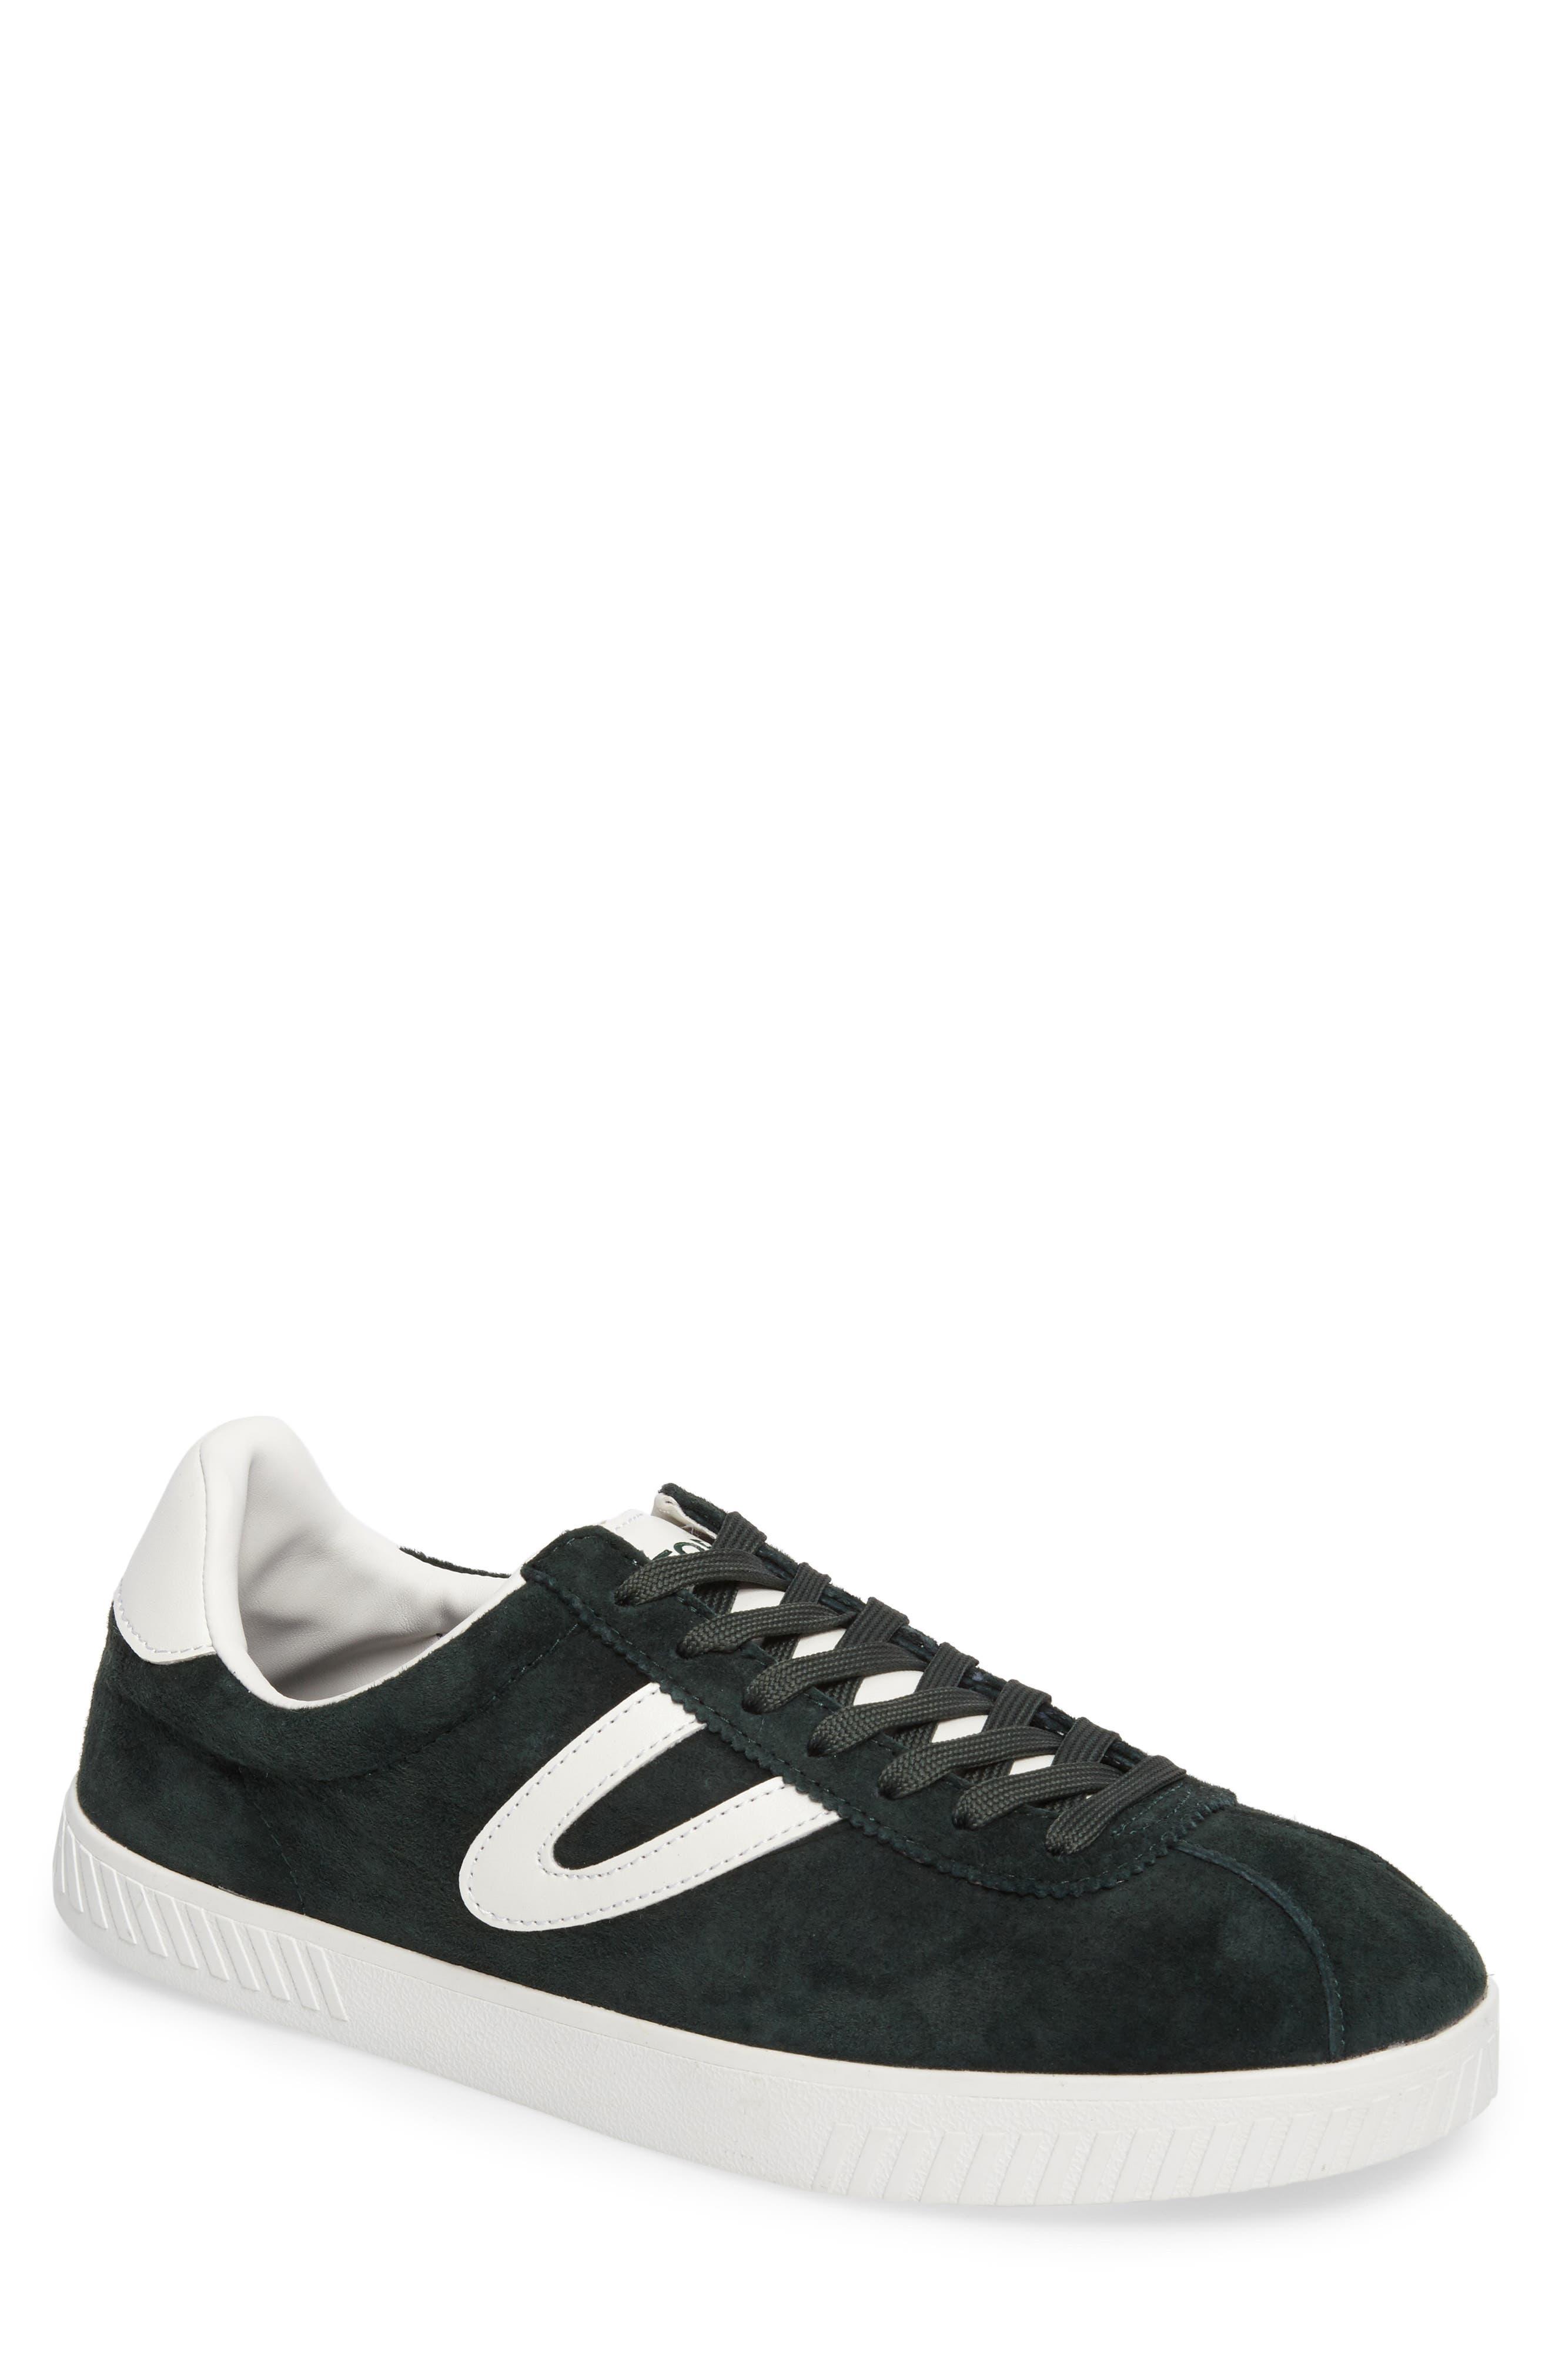 Alternate Image 1 Selected - Tretorn Camden 3 Sneaker (Men)